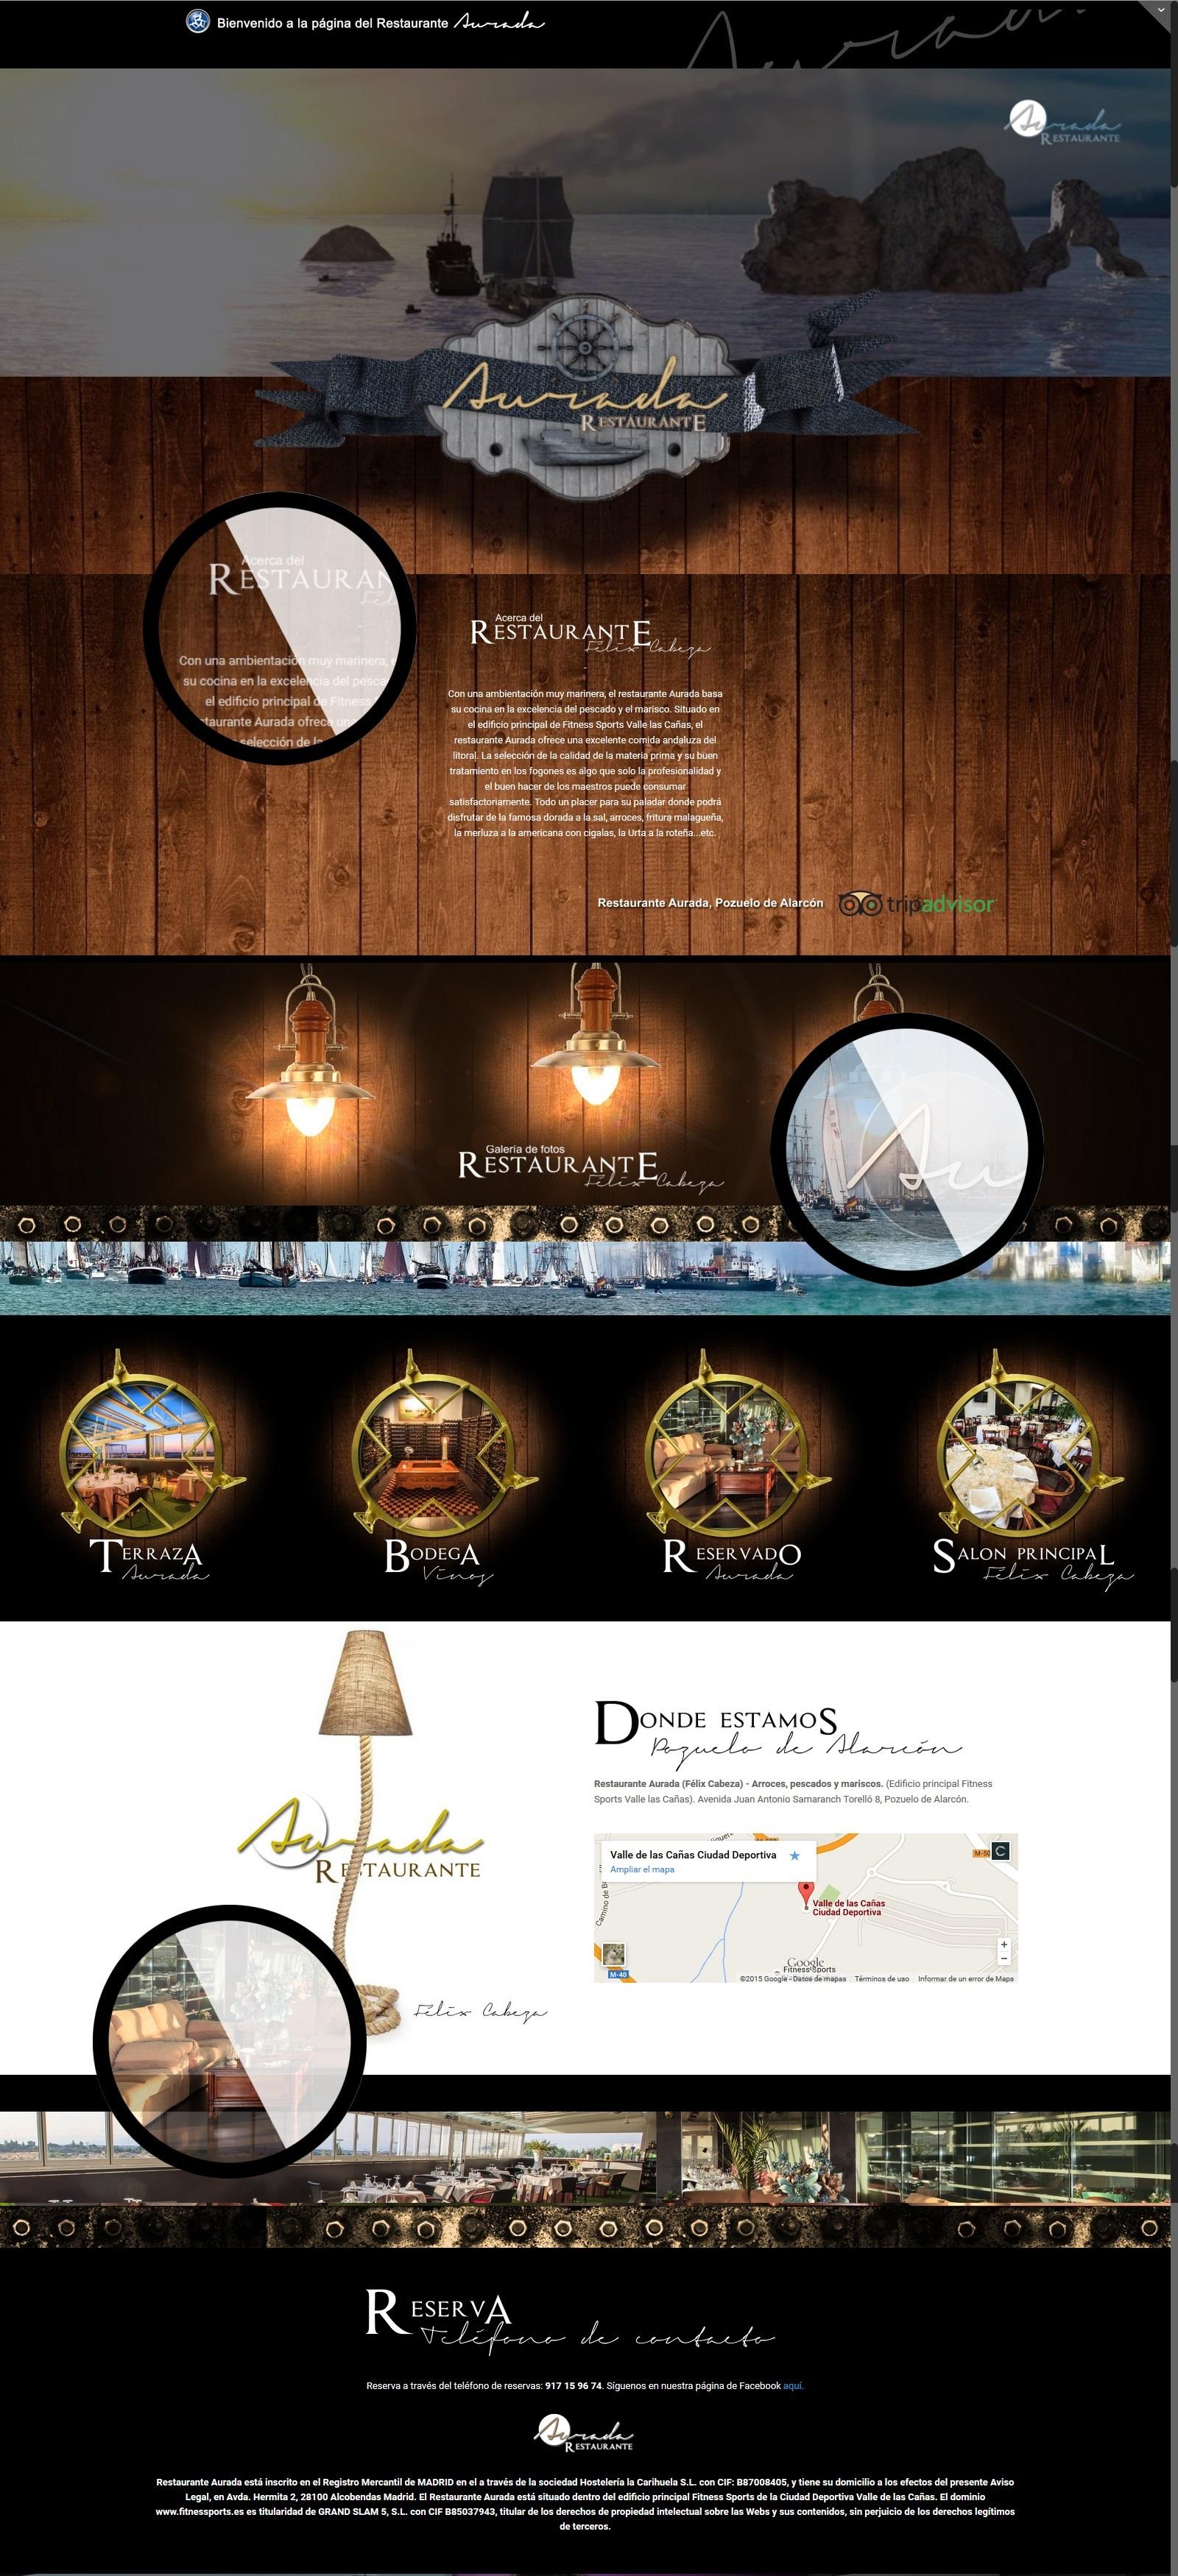 Aurada Restaurante Diseño Web por PerfectPixel Publicidad